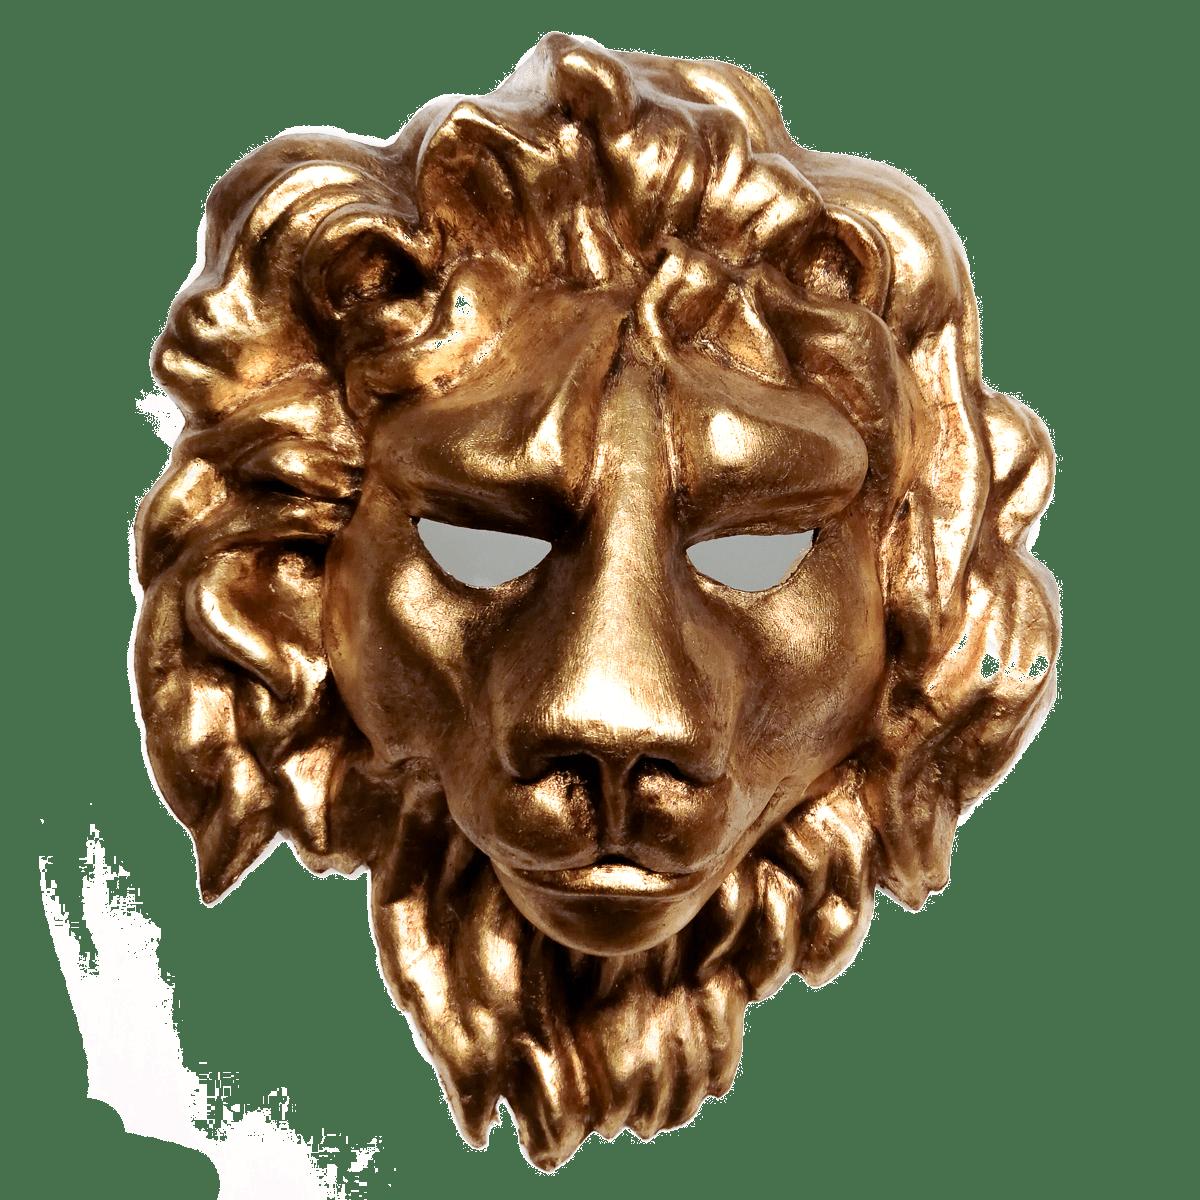 https://i2.wp.com/www.masksvenice.com/wp-content/uploads/2018/08/maschera-leone-1.png?fit=1200%2C1200&ssl=1